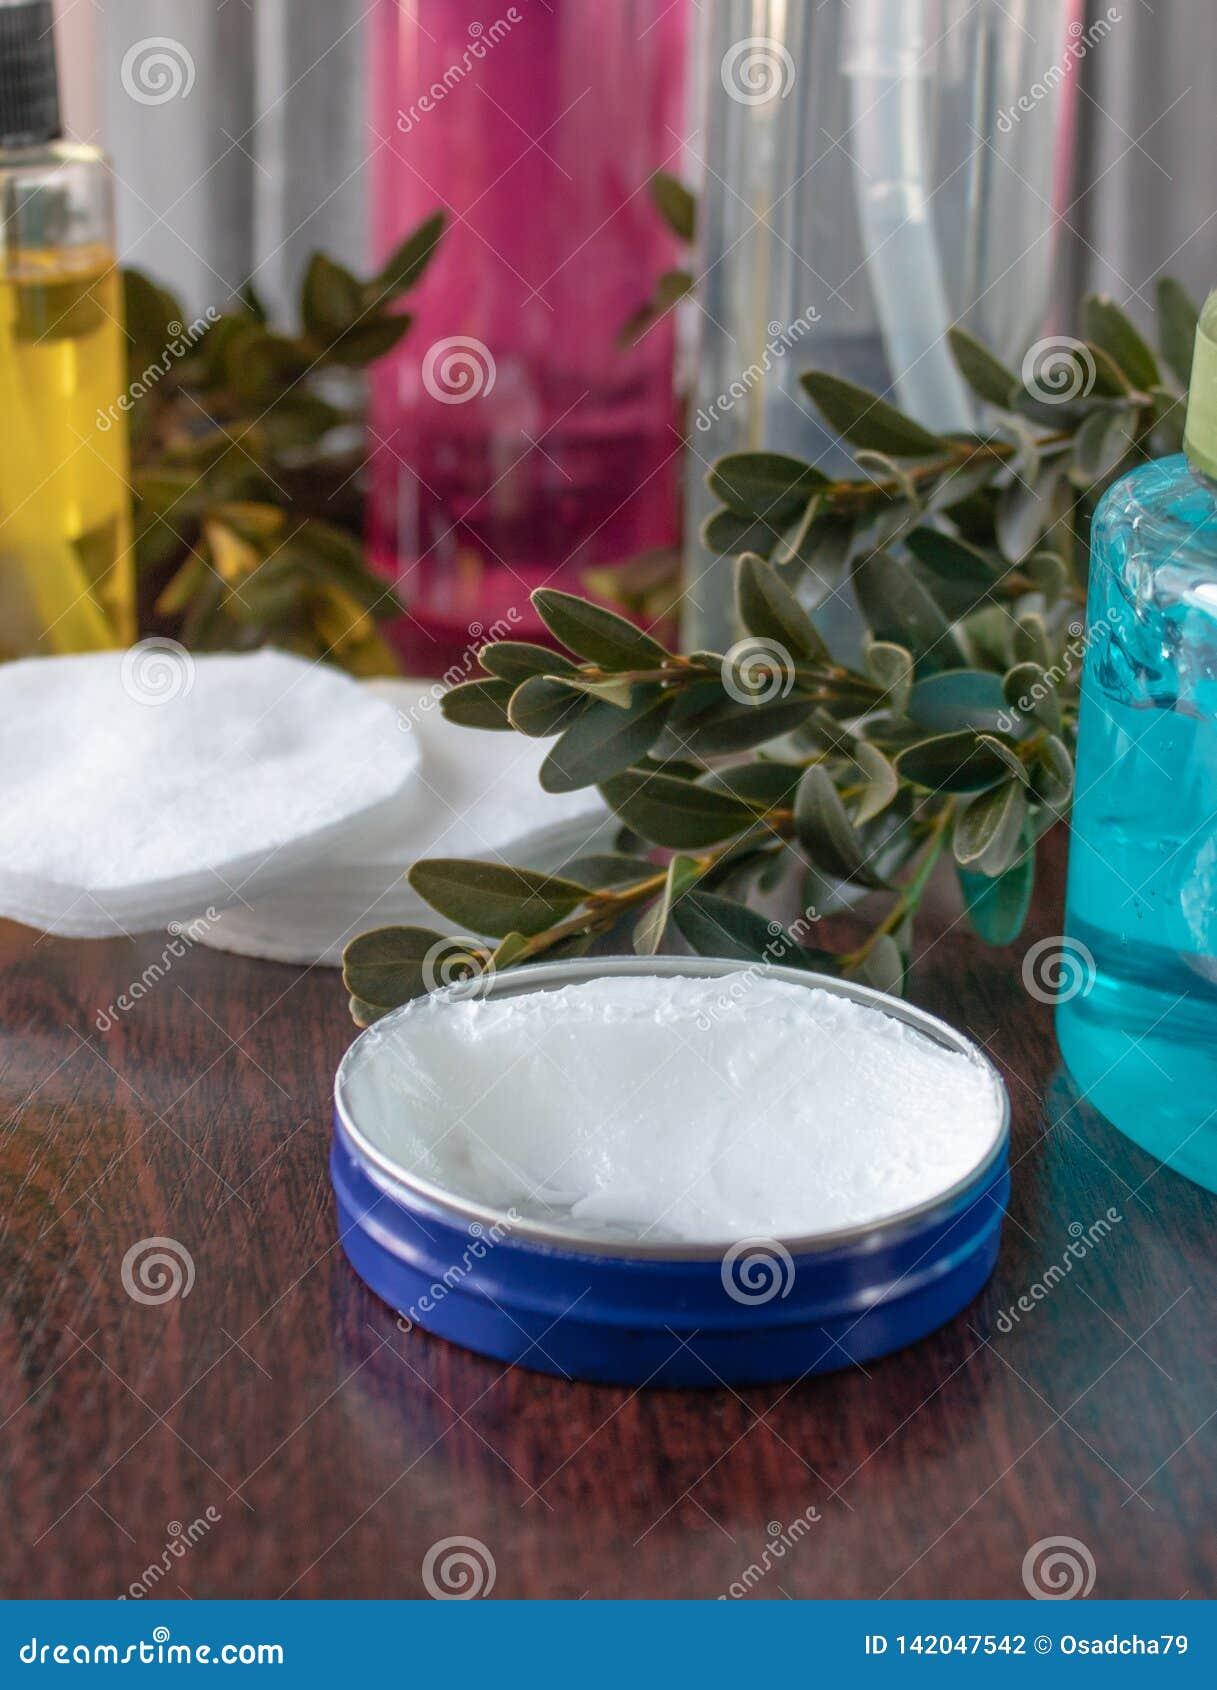 Accessoires cosmétiques sur un fond foncé, crème blanche dans un pot bleu